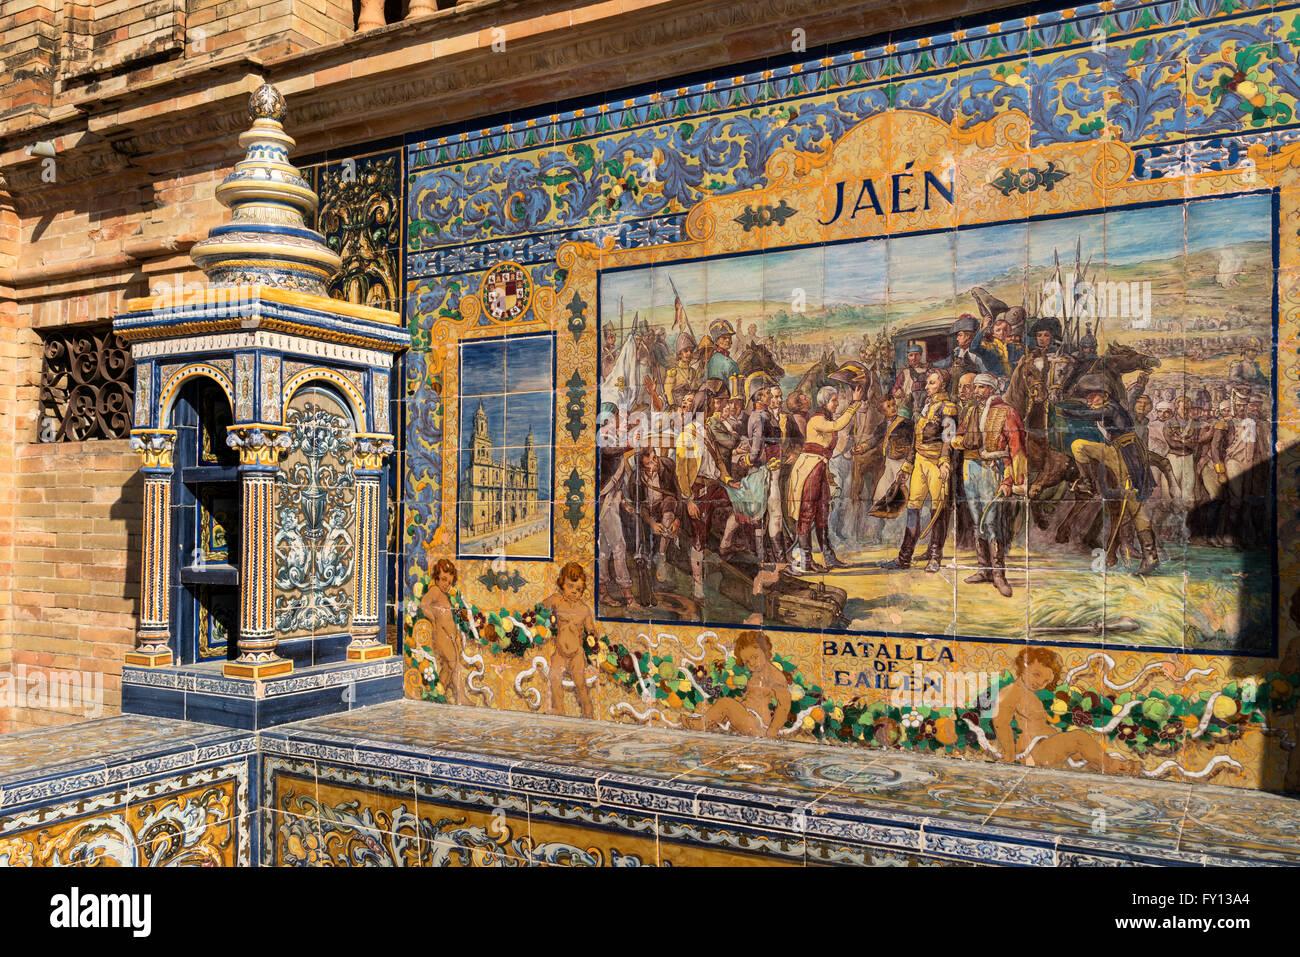 Céramique carreaux de mur antique, représentant les provinces et les villes de l'Espagne , Jaén, Photo Stock